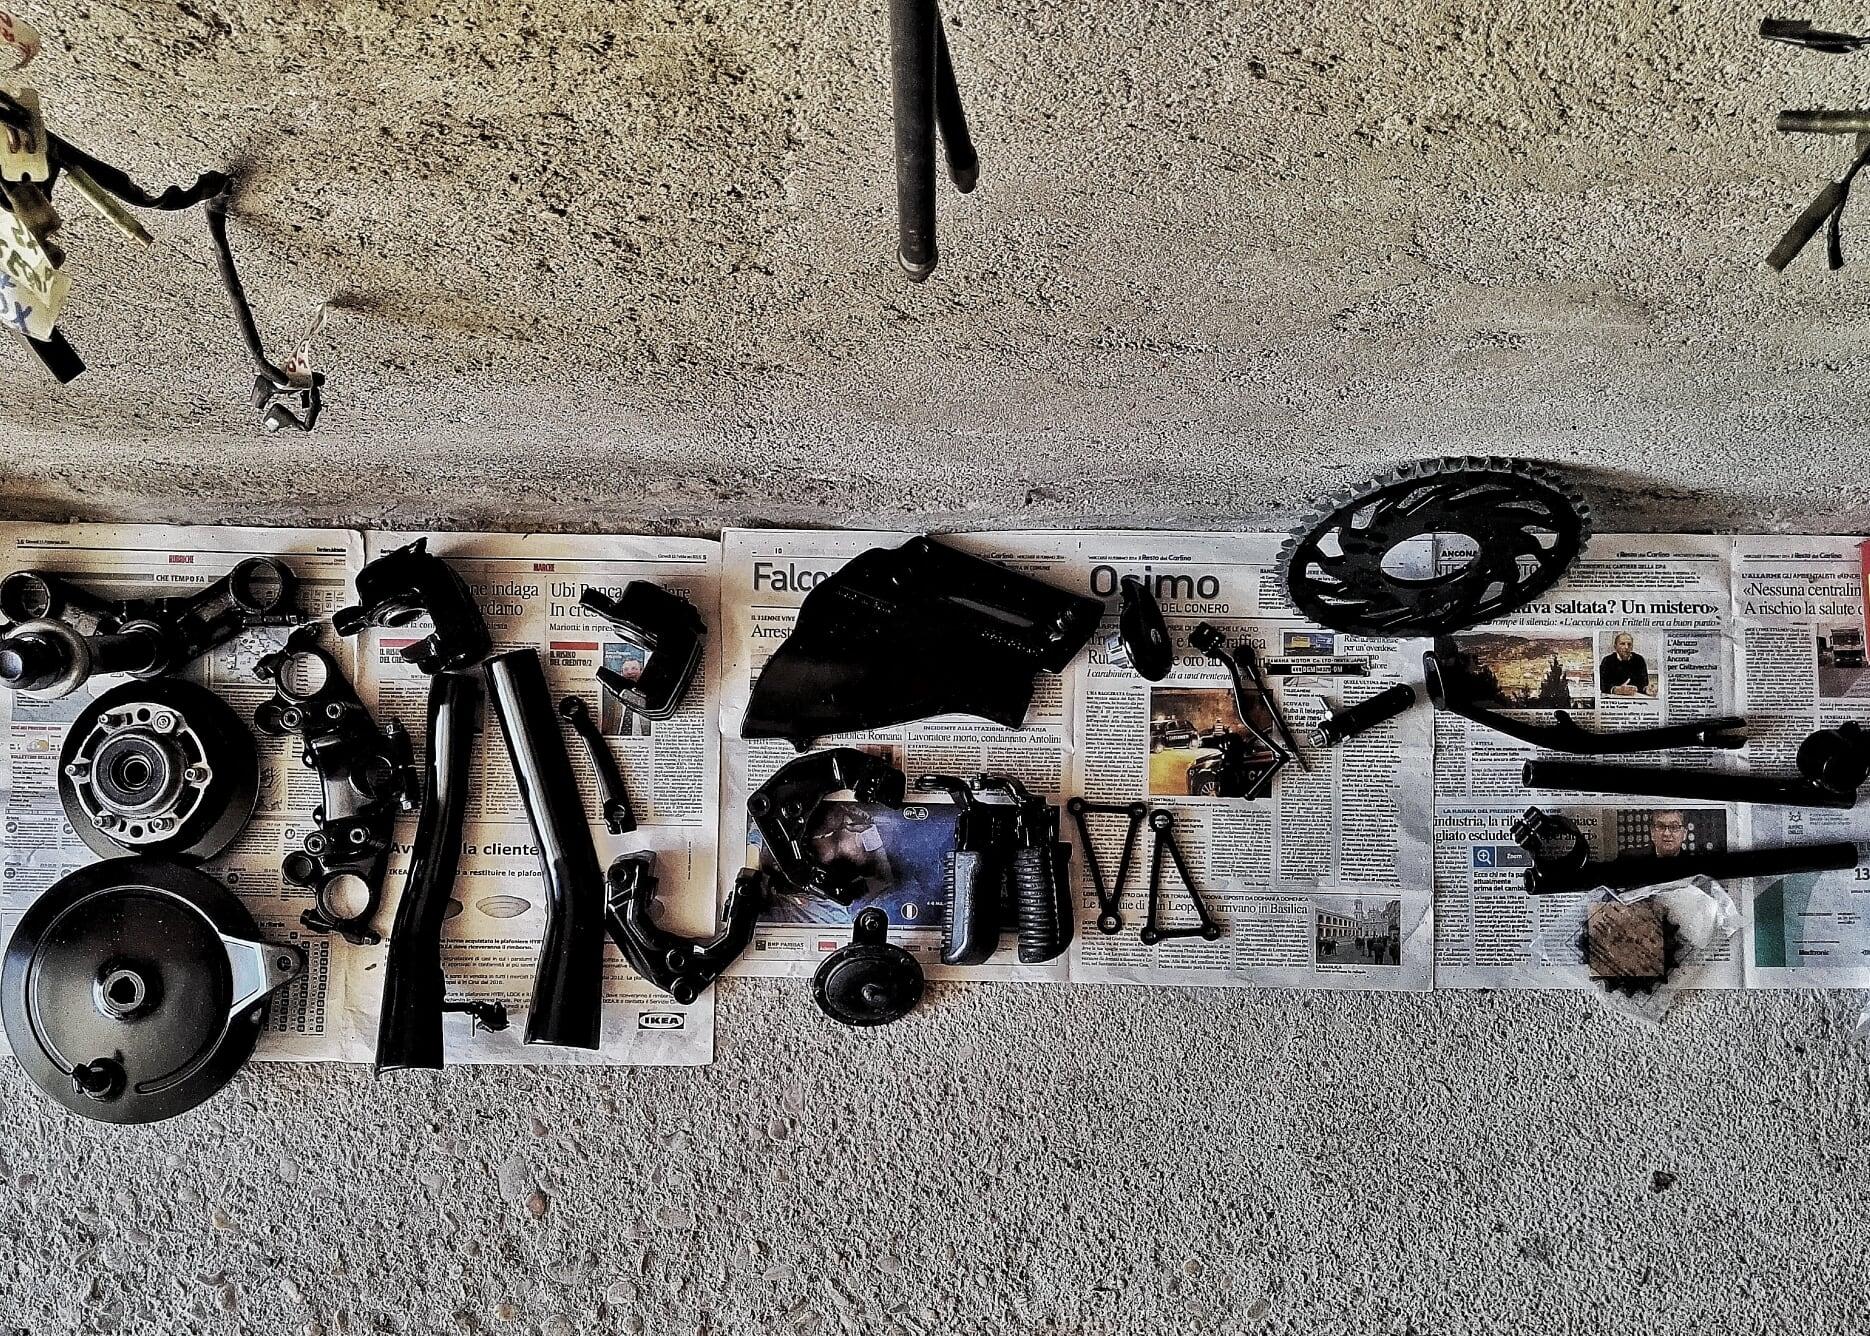 yamaha xj550. pezzi pronti per essere riassemblati e dare nuova vita alla moto.